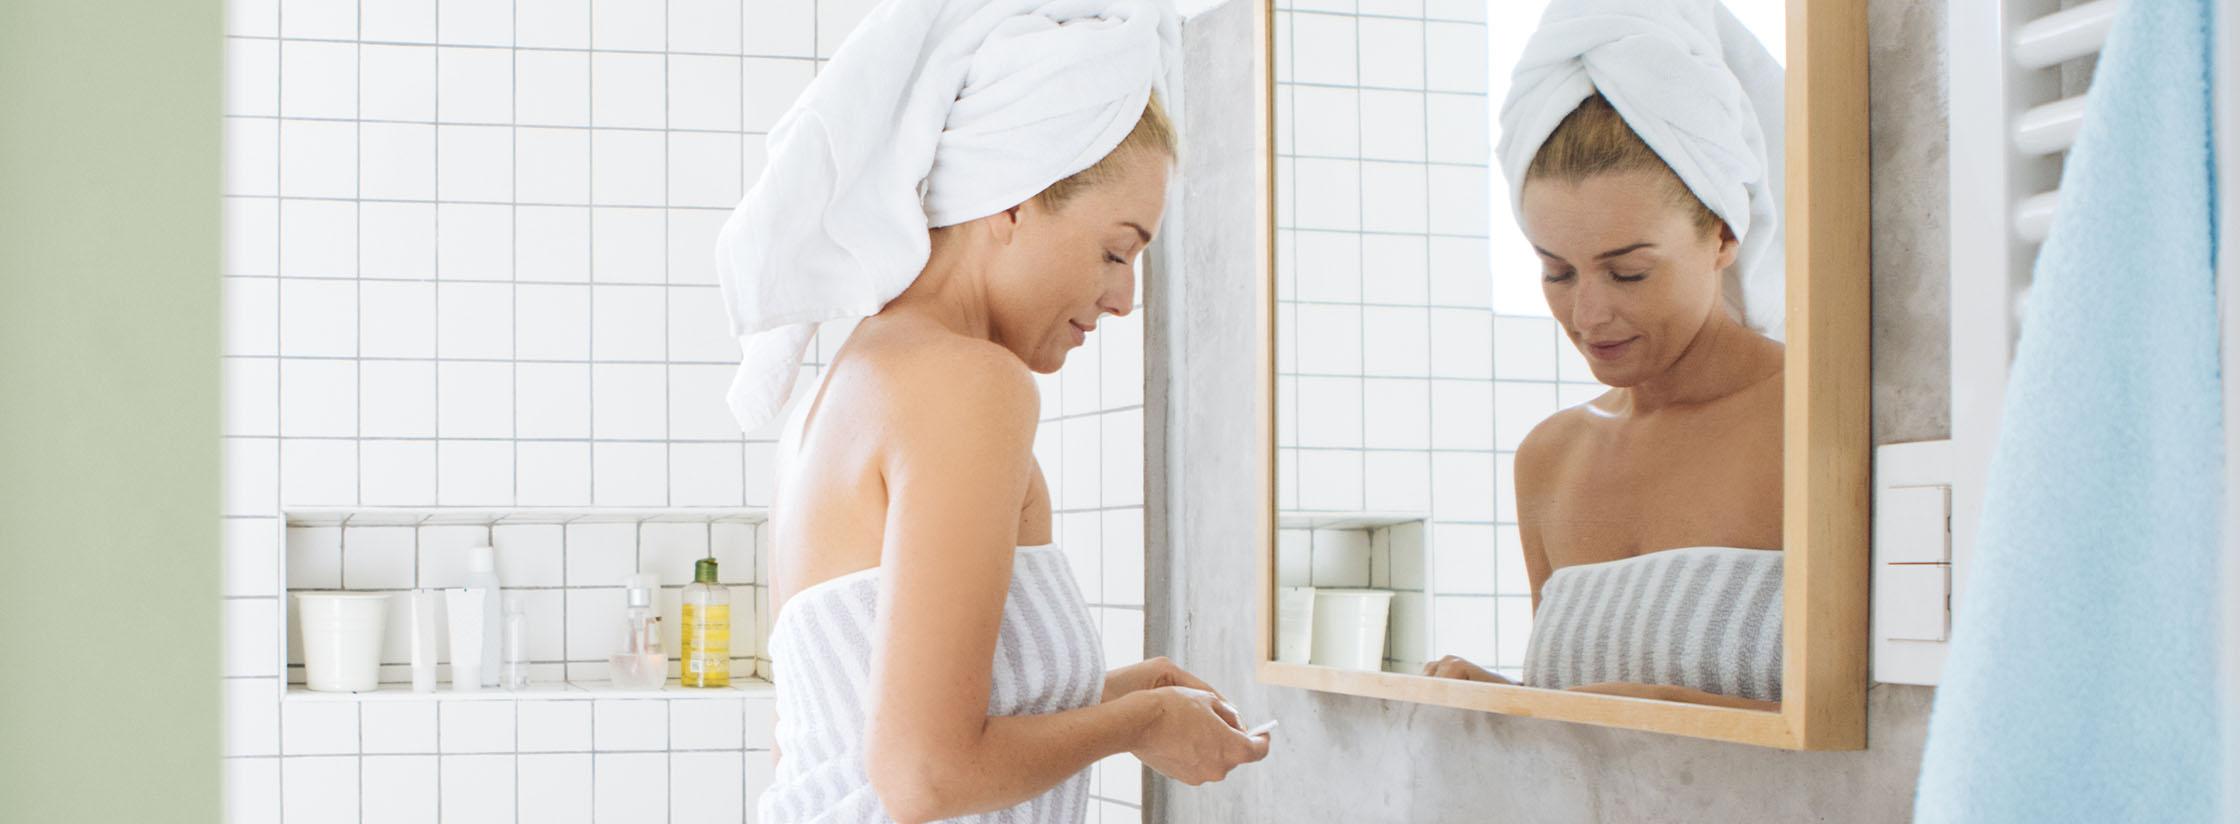 Een vrouw staat voor de spiegel in de badkamer